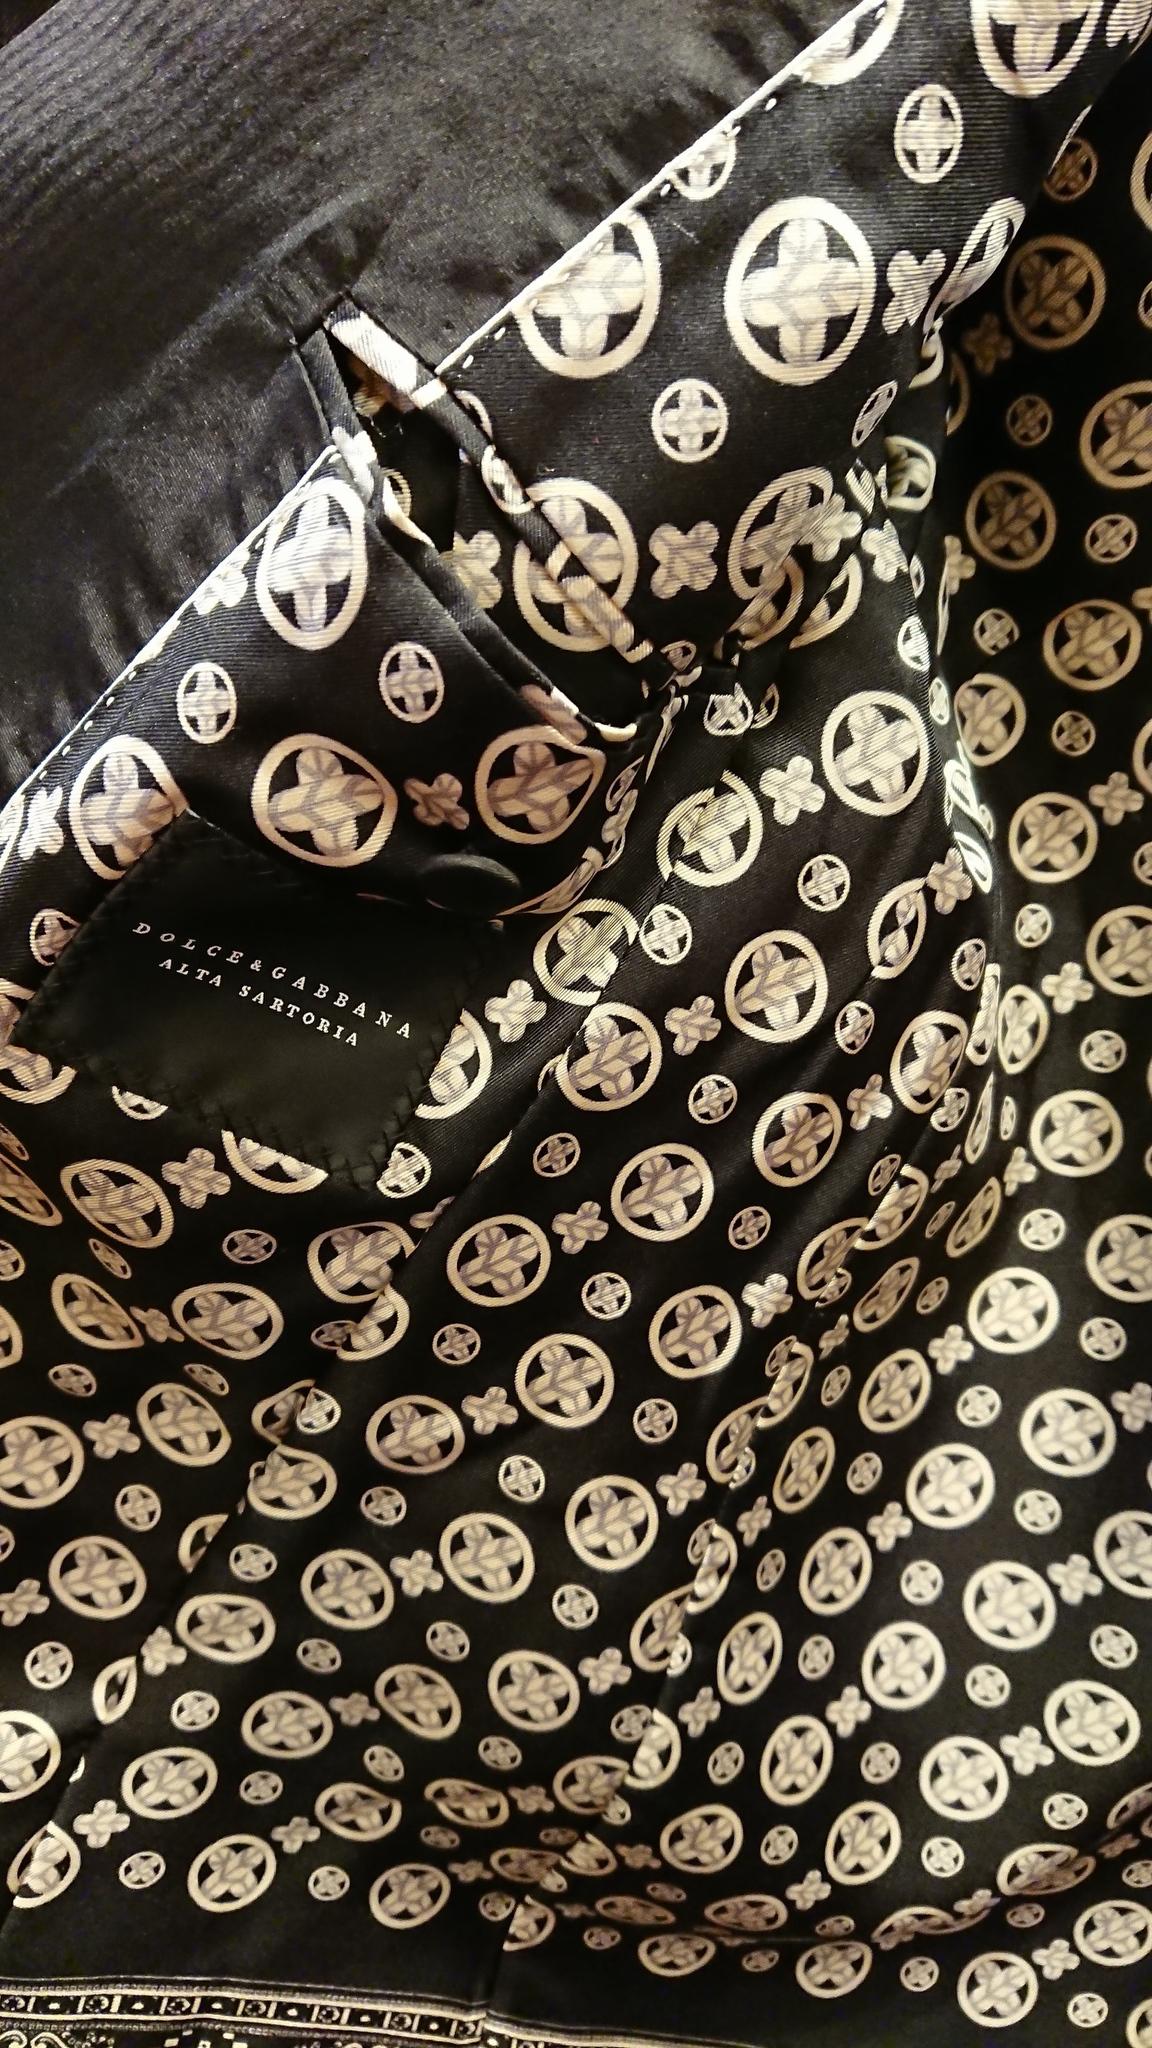 Details from Nobu ToriiÕs Dolce & Gabbana piece